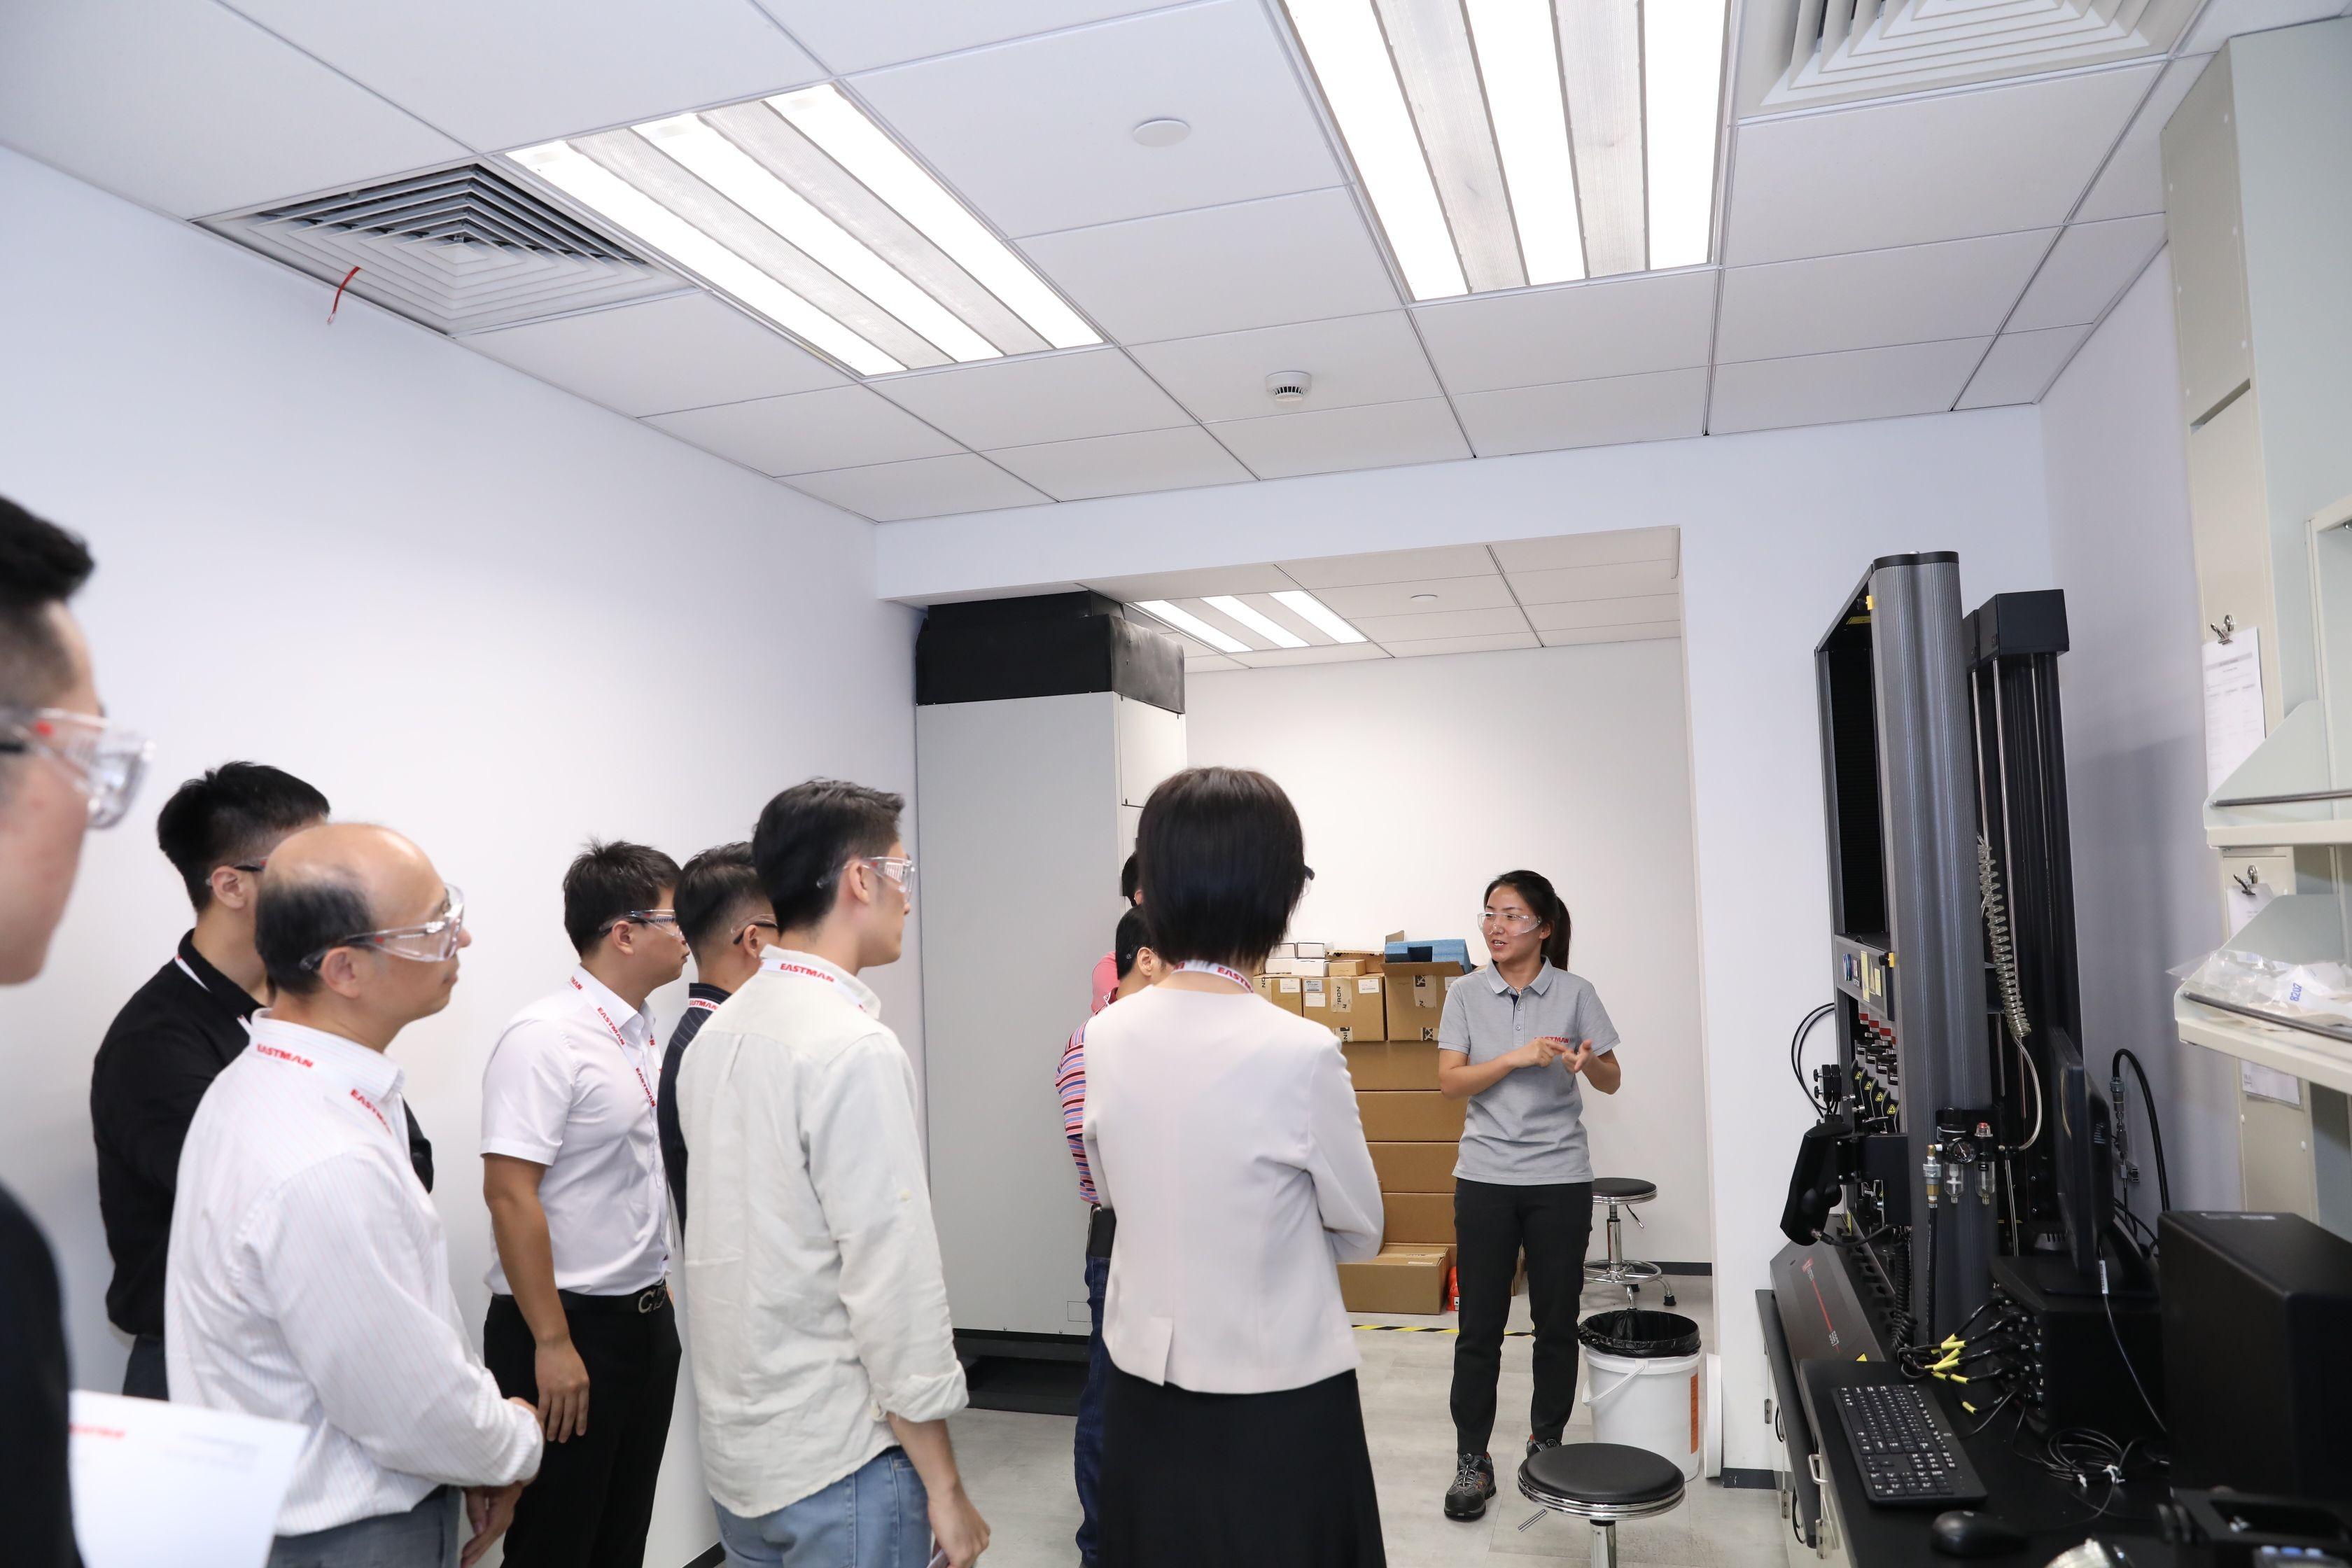 伊士曼轮胎添加剂业务正式启用上海实验室